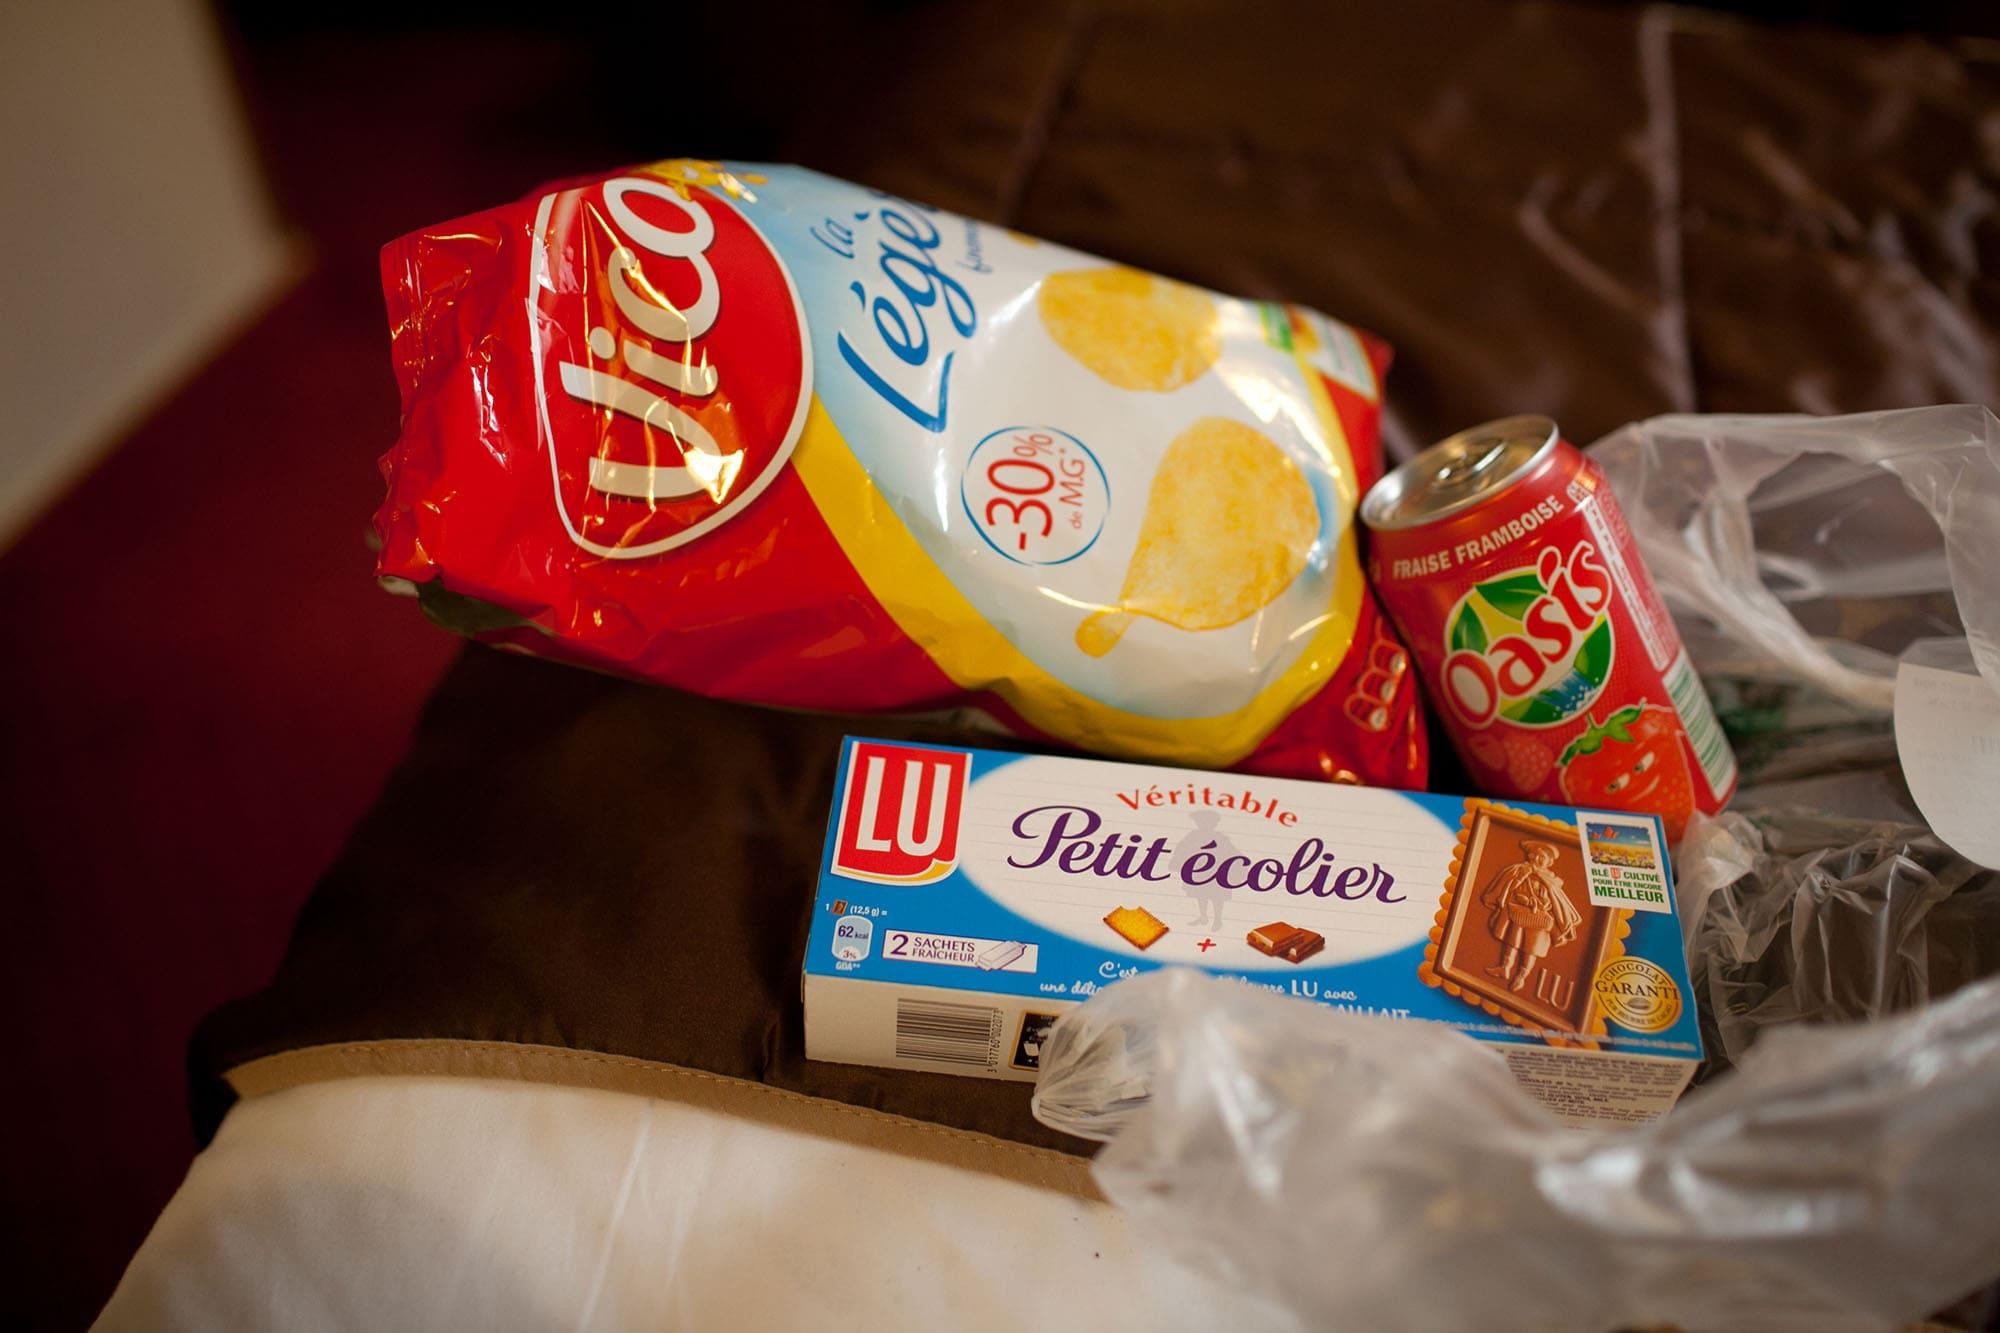 Snacks in my Paris hotel room.